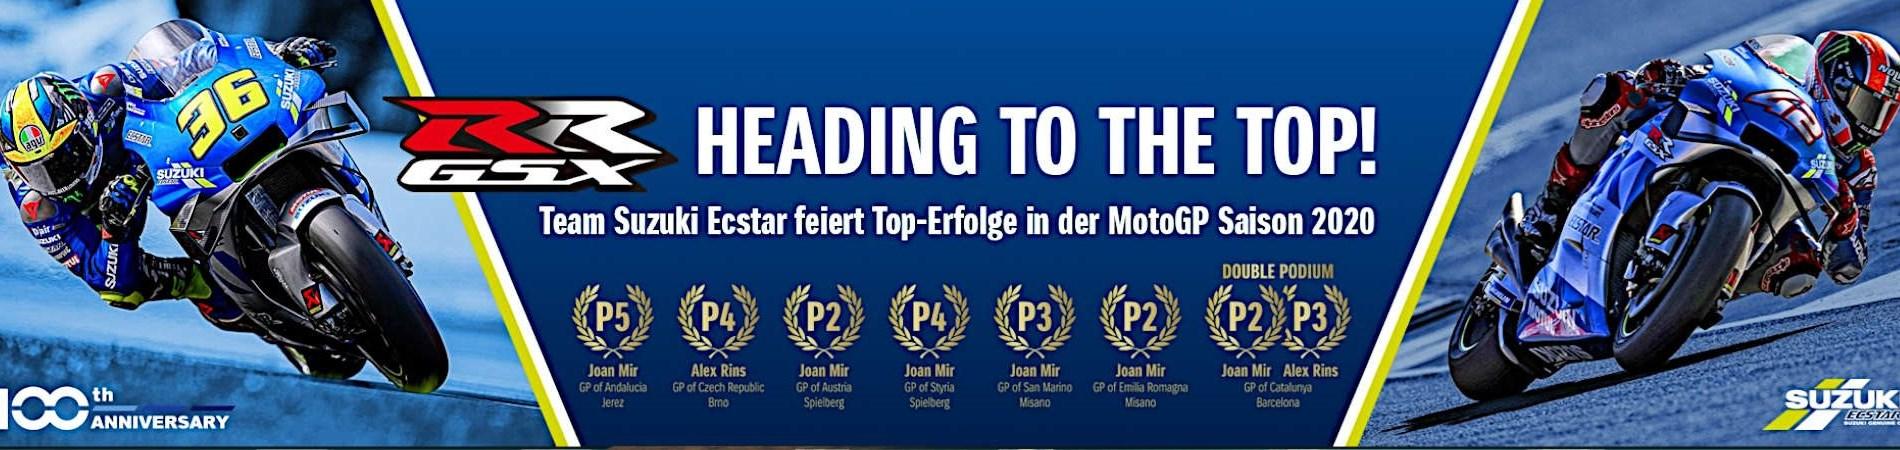 Team Suzuki Ecstar feiert Top-Erfolge in der MotoGP Saison 2020